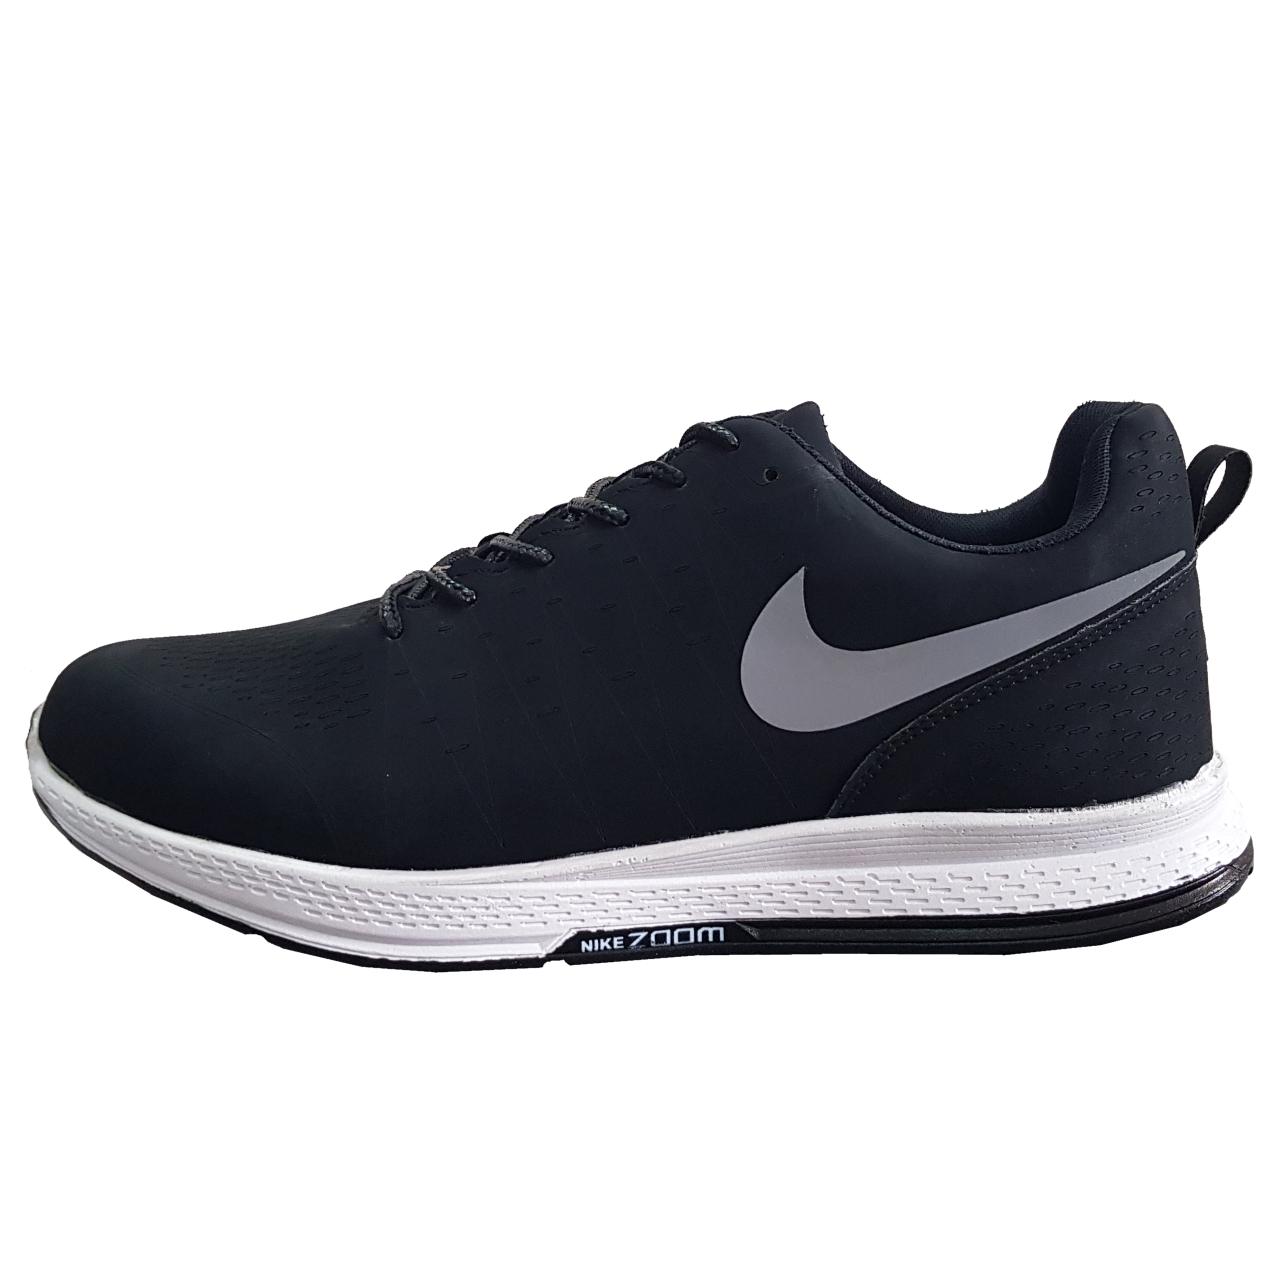 قیمت کفش مخصوص پیاده روی مردانه مدل زامورا کد 5047